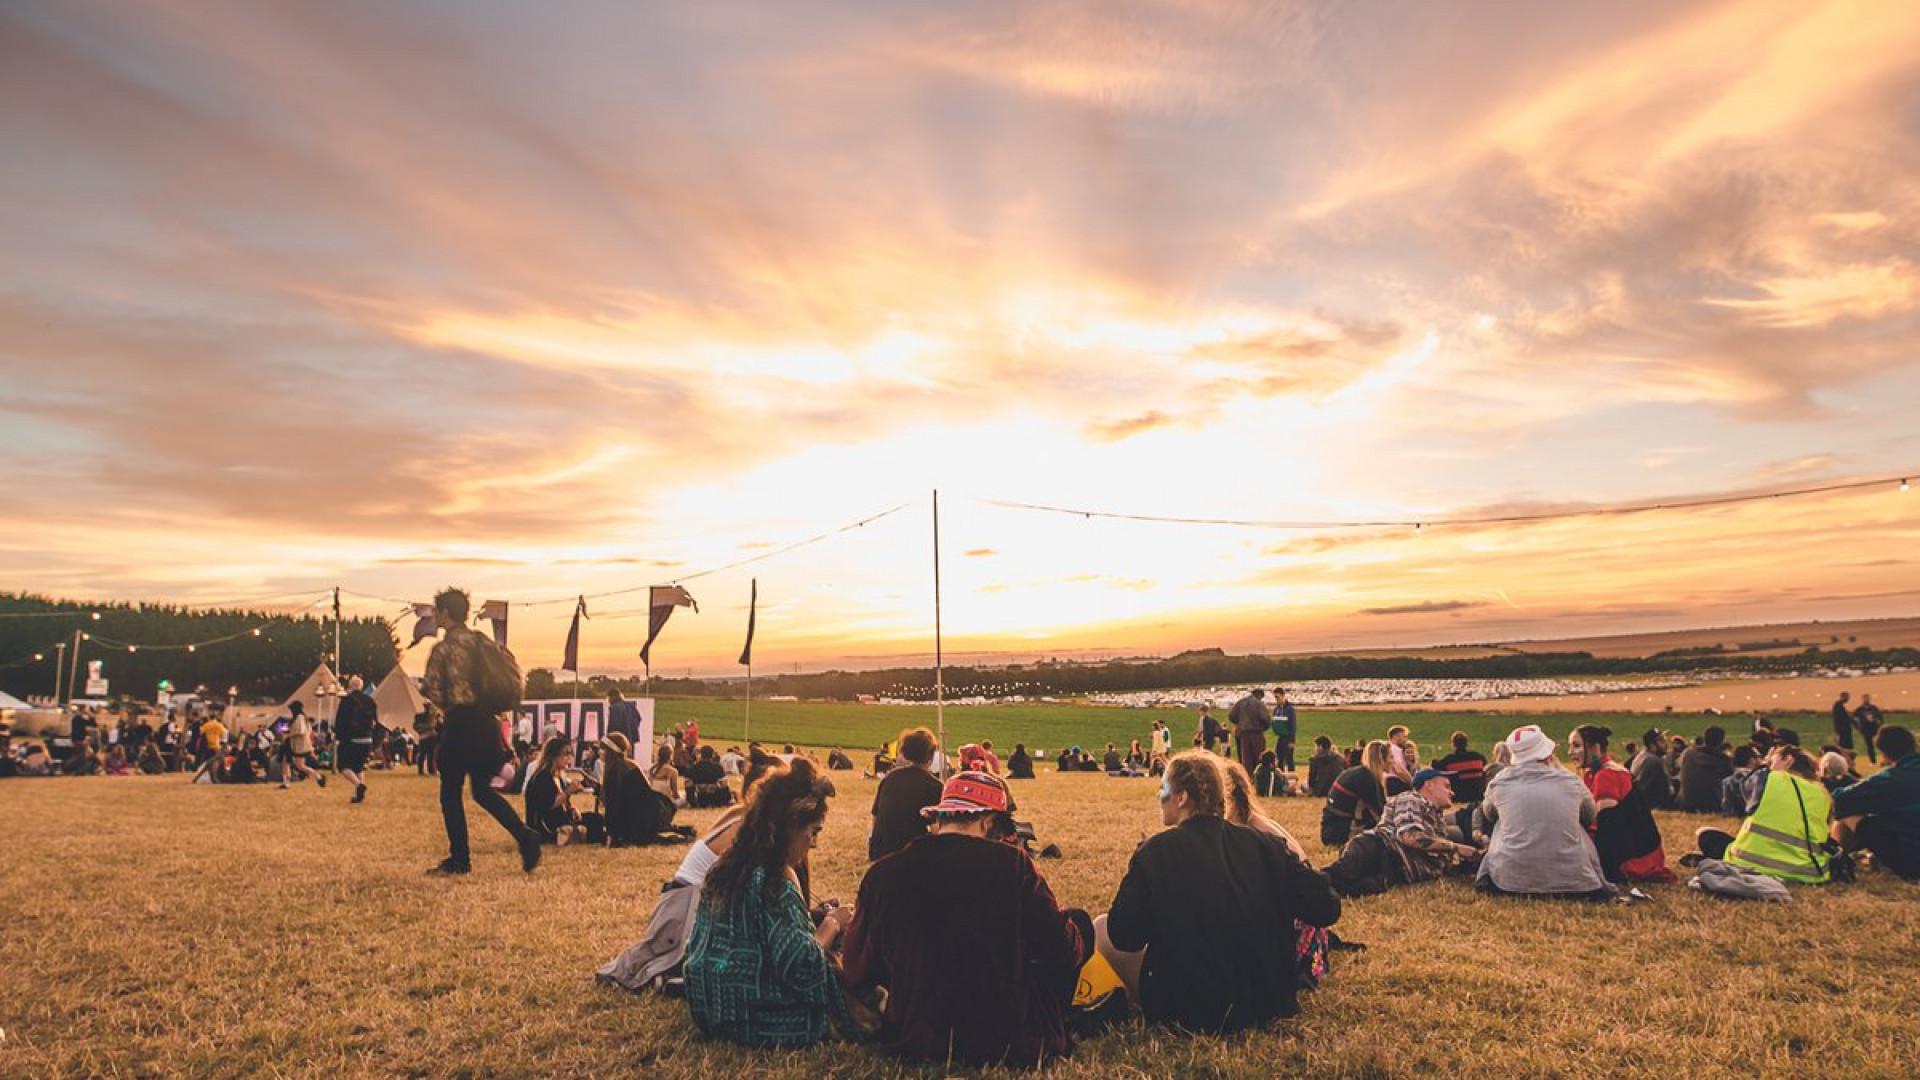 Sunset at Farr Festival